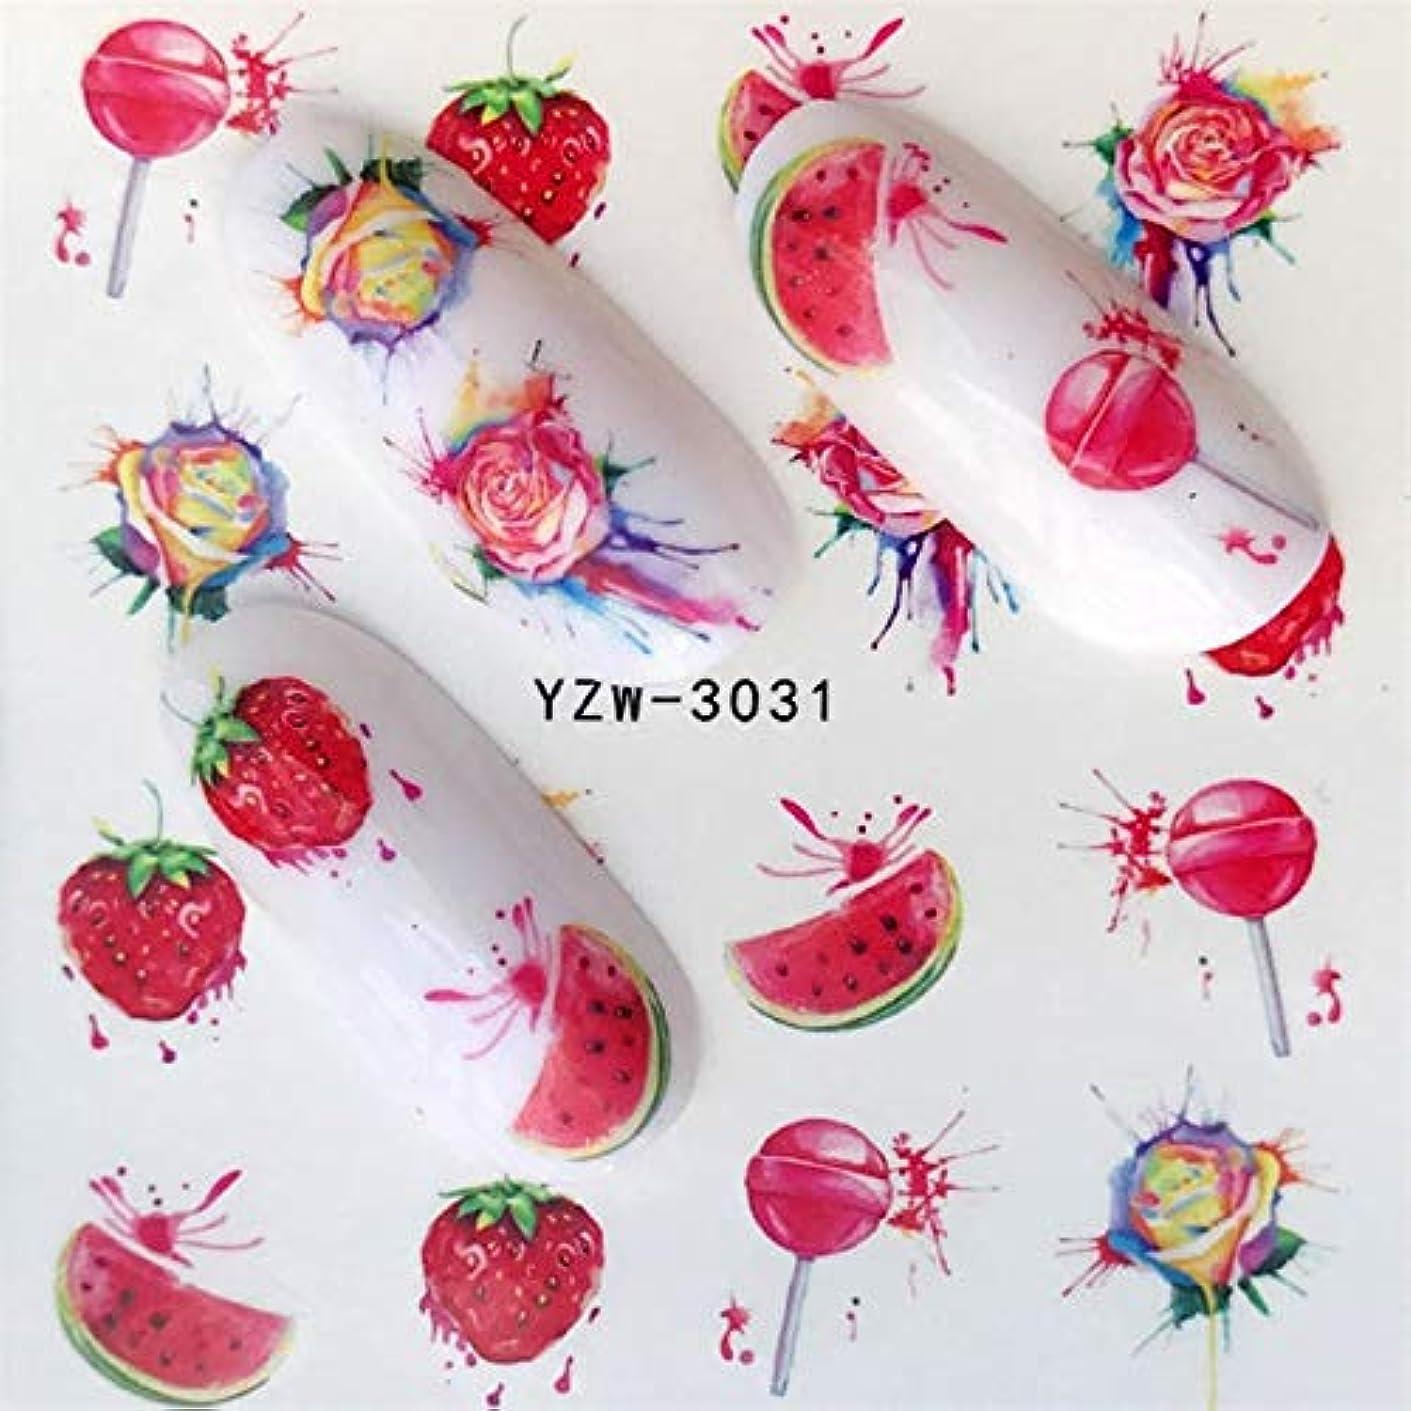 パレードの配列しばしばCELINEZL CELINEZL 5個ウォータートランスファーステッカーデカールフラワーステッカーネイル用、カラー:YZW-3031